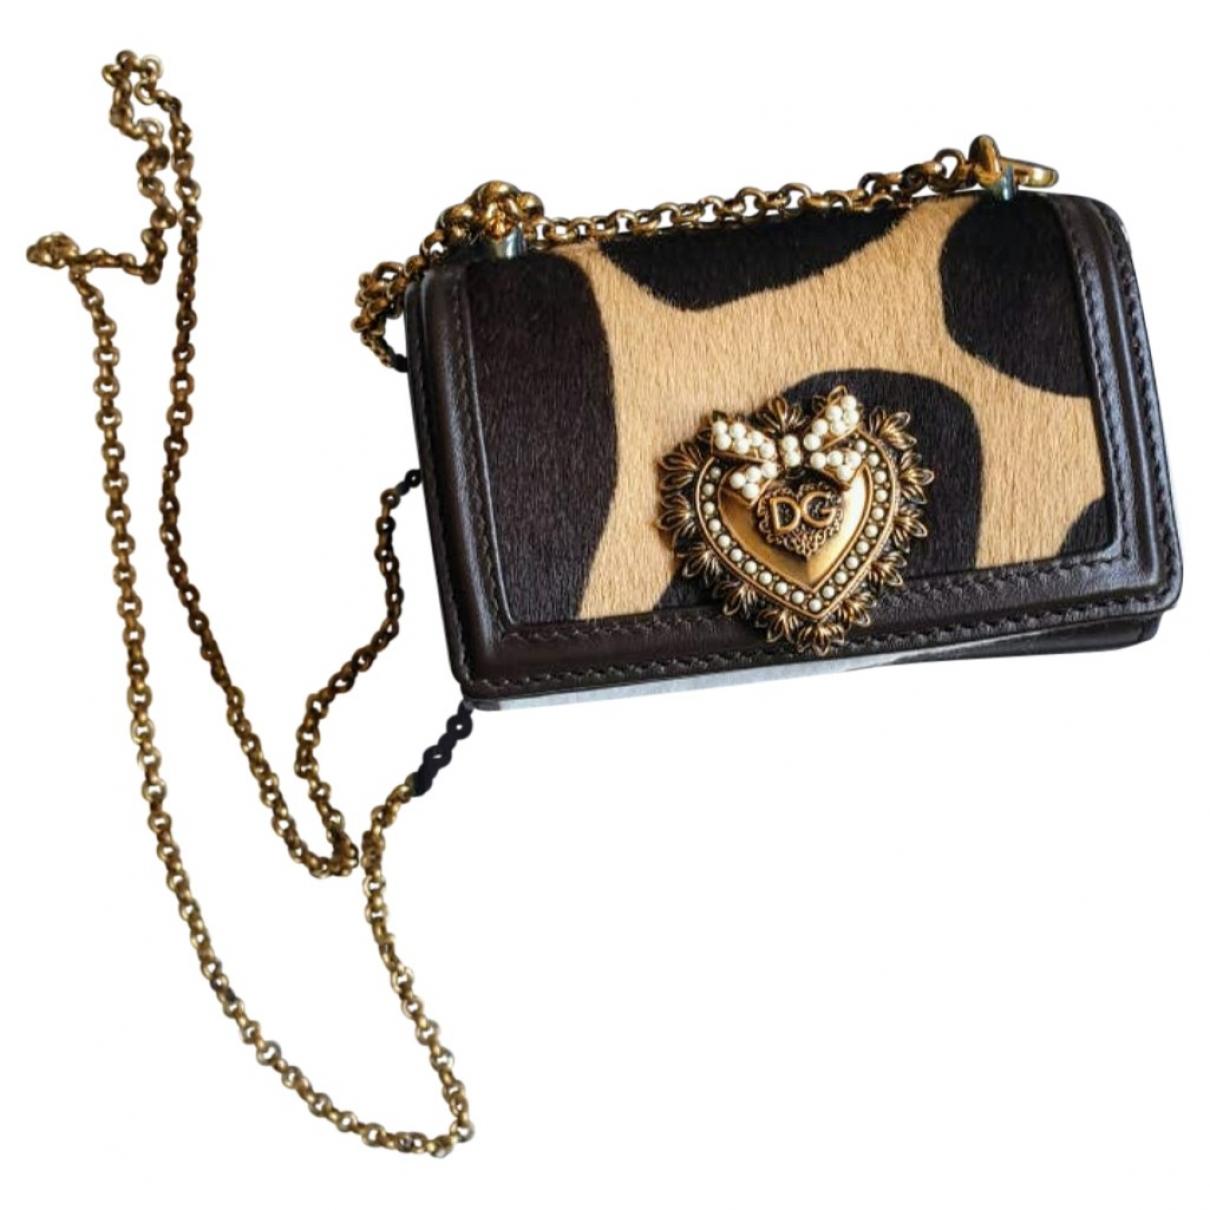 Dolce & Gabbana Devotion Multicolour Pony-style calfskin handbag for Women \N